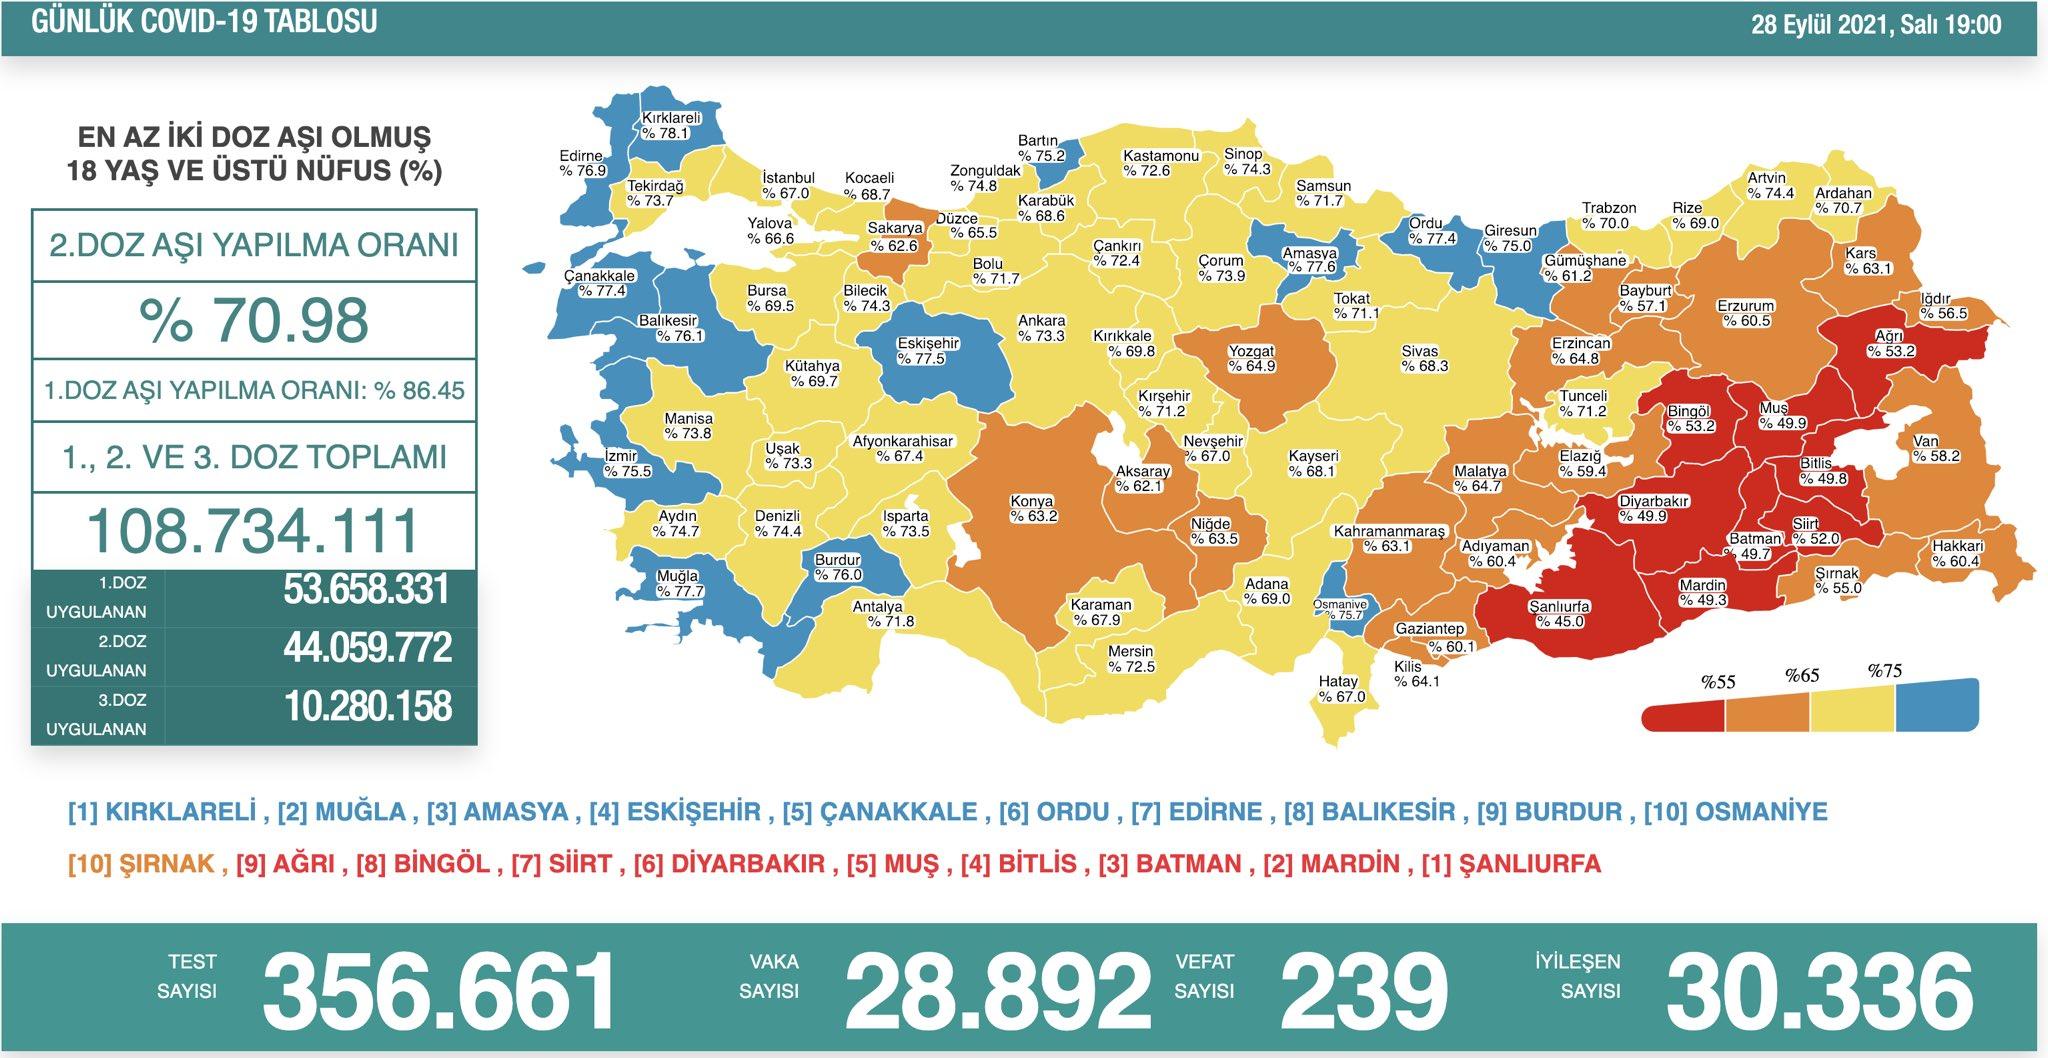 28 Eylül 2021 Türkiye Koronavirüs Tablosu Açıkladı